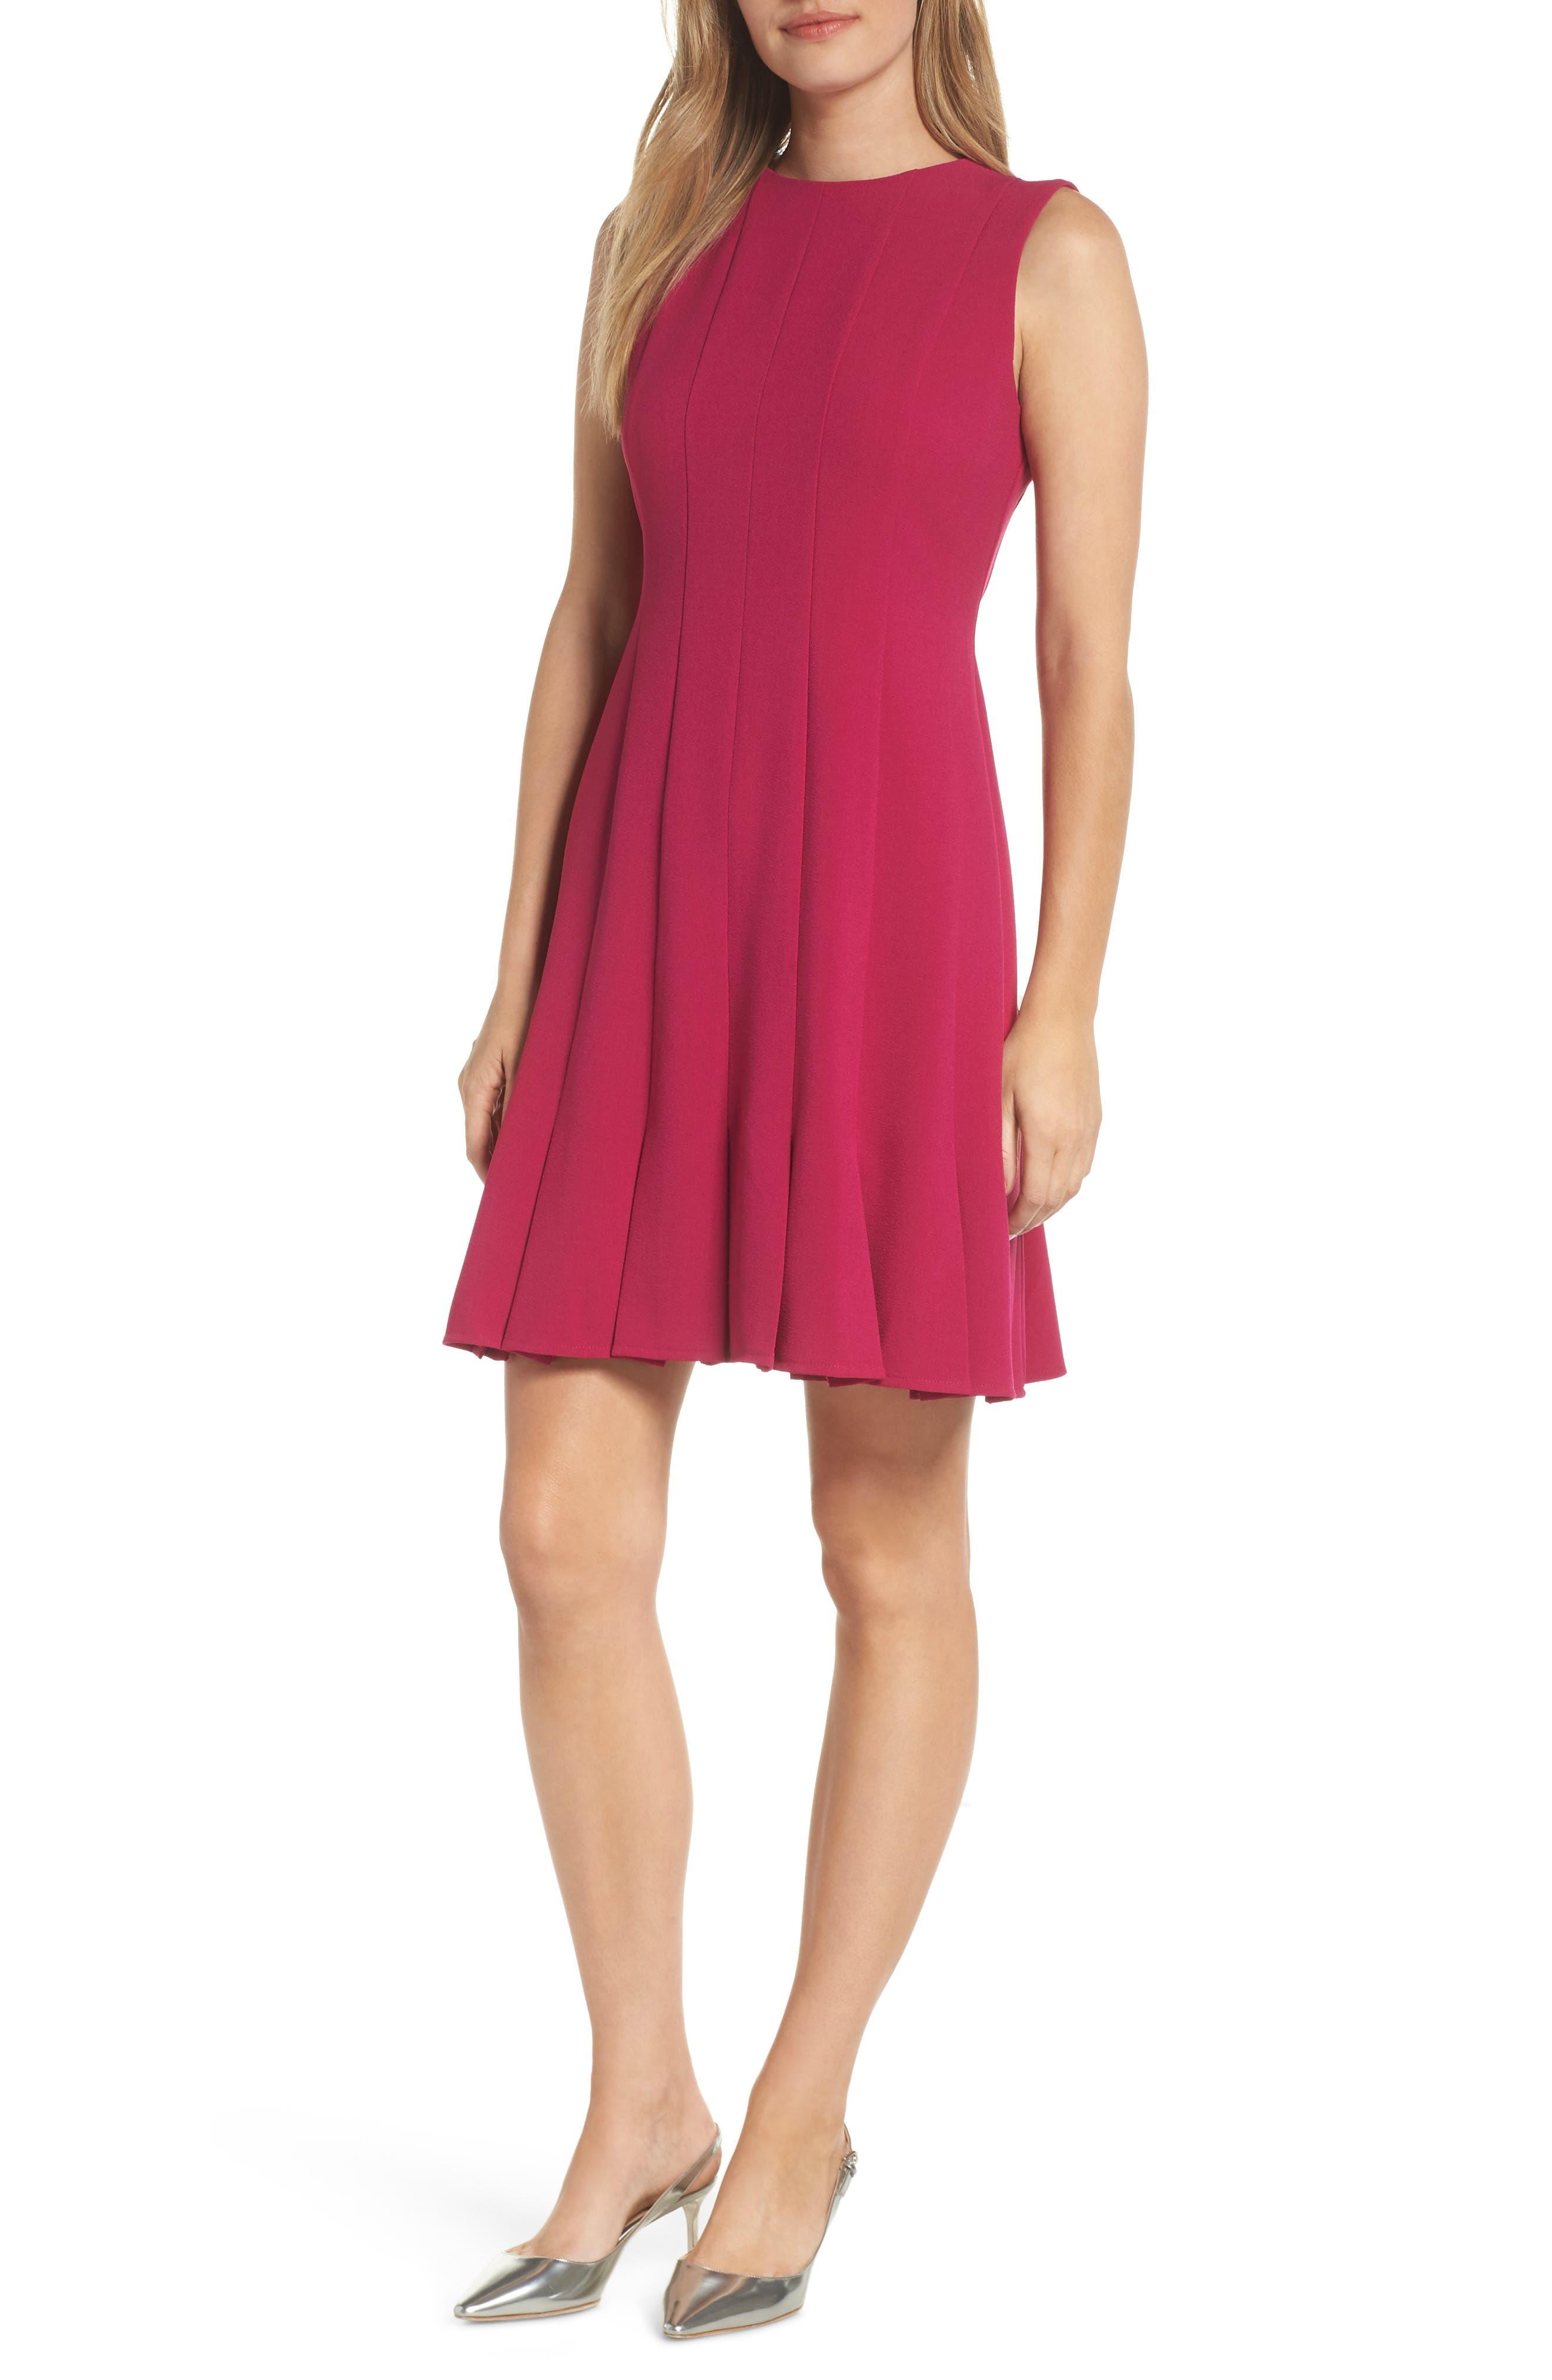 93e74f9ce30 Women s Julia Jordan Dresses